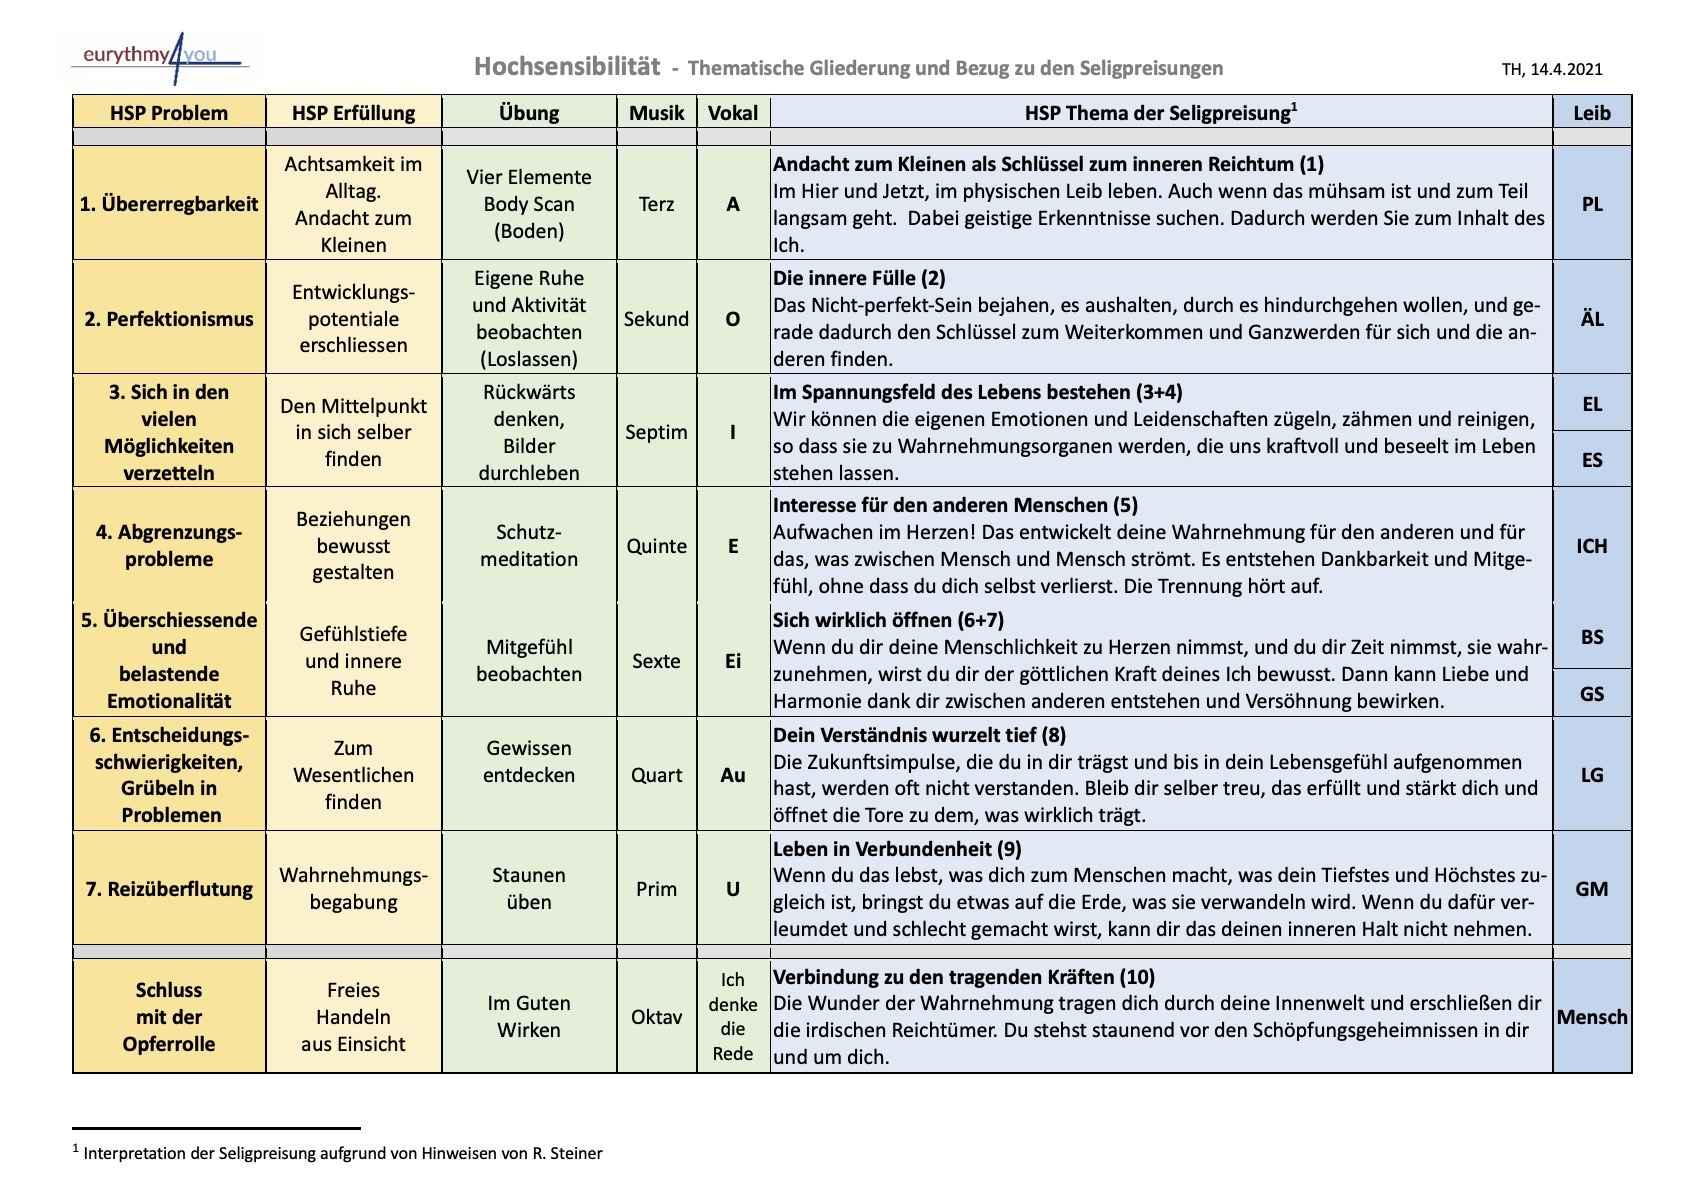 HSP Gliederung und Seligpreisungen - 2021